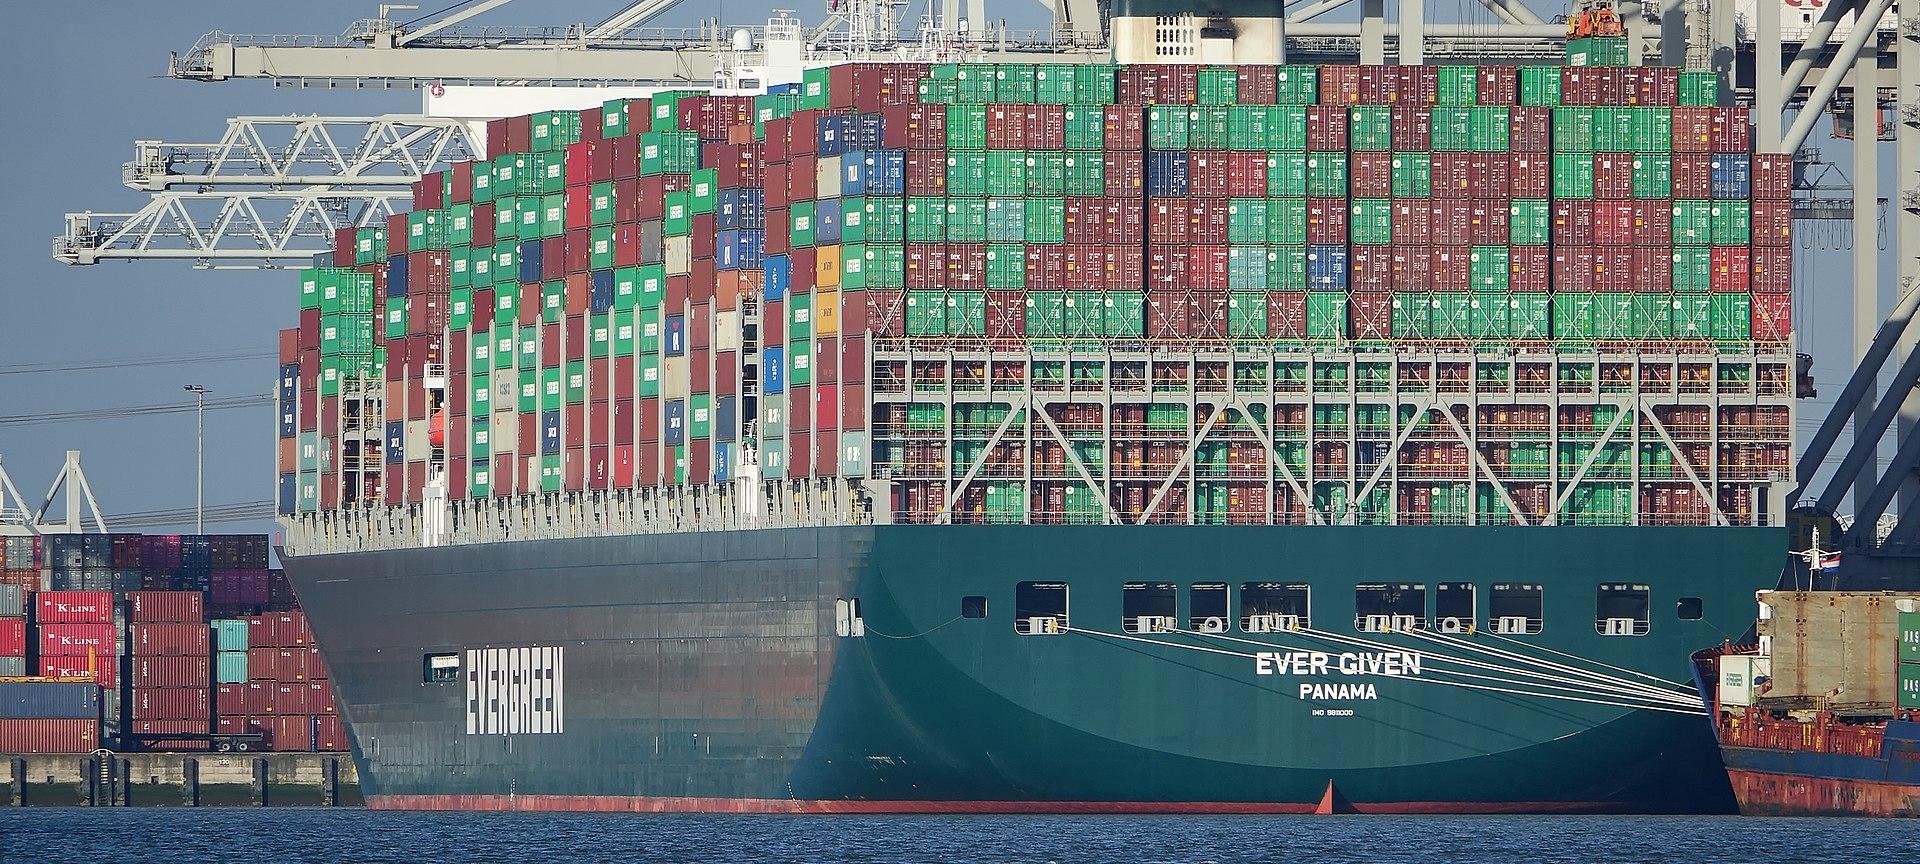 Az Ever Givent további több tucat hatalmas konténerhajó követi Rotterdam felé, ennek következtében megnövekszik az érkező áruk mennyisége is a hollandiai kikötőben (kép forrása: Wikipedia)